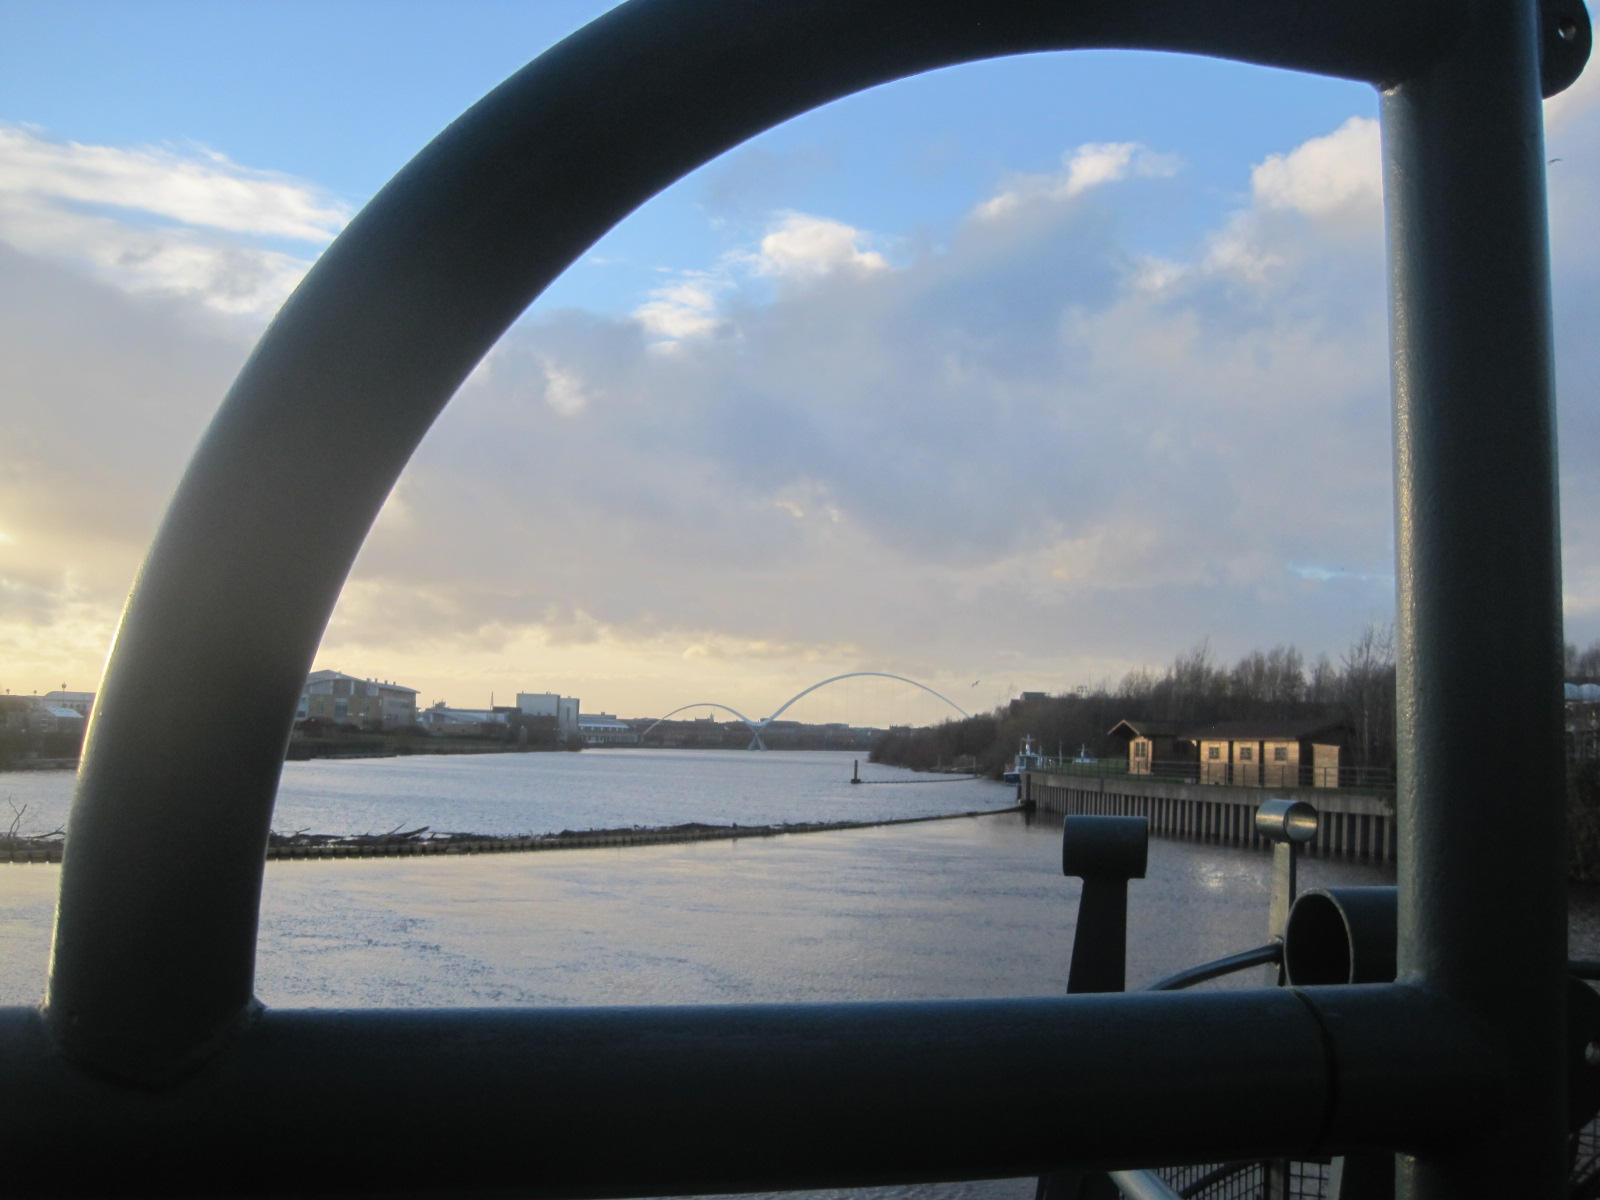 The Infiniity Bridge, of course